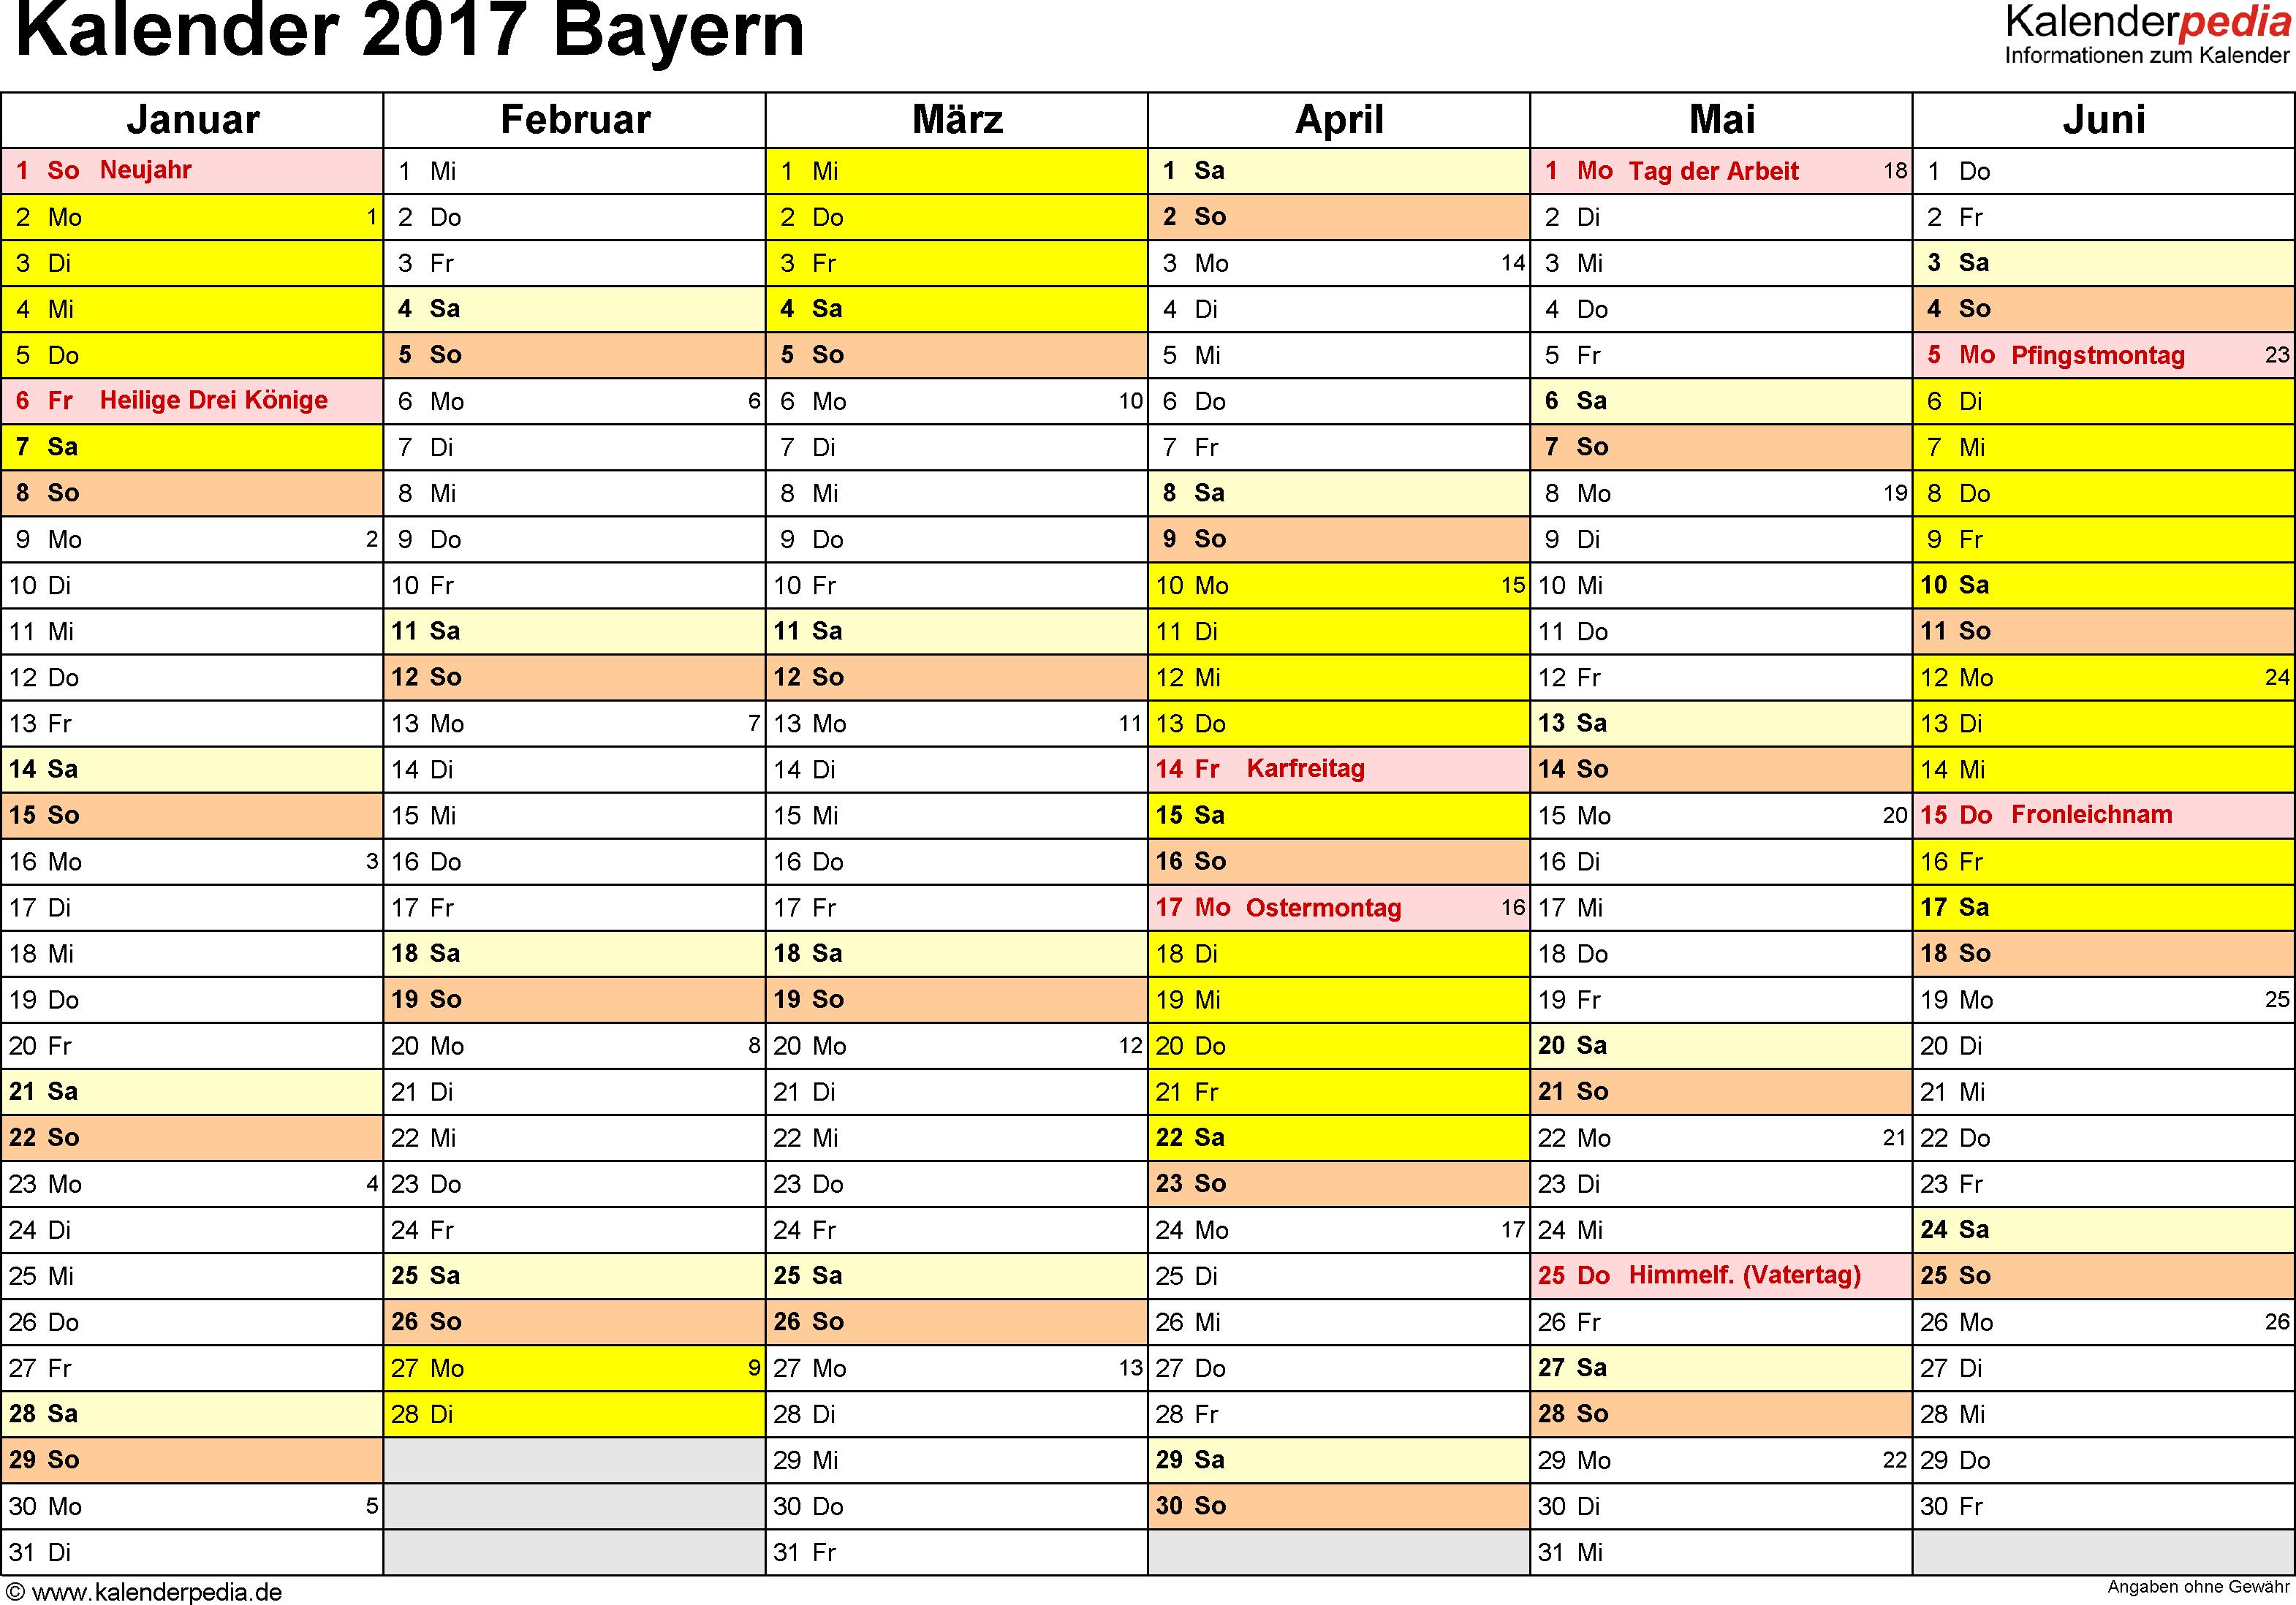 Vorlage 2: Kalender 2017 für Bayern als PDF-Vorlage (Querformat, 2 Seiten)